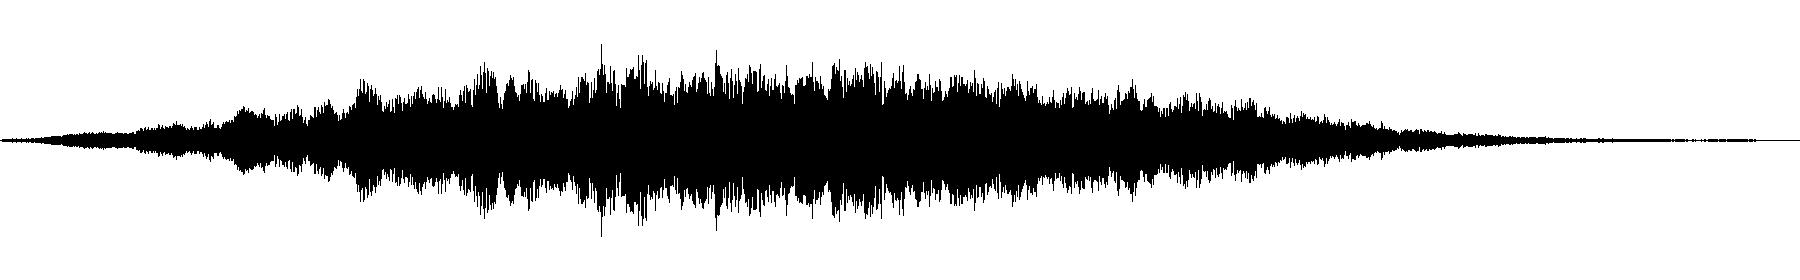 vfx1 atmos 33